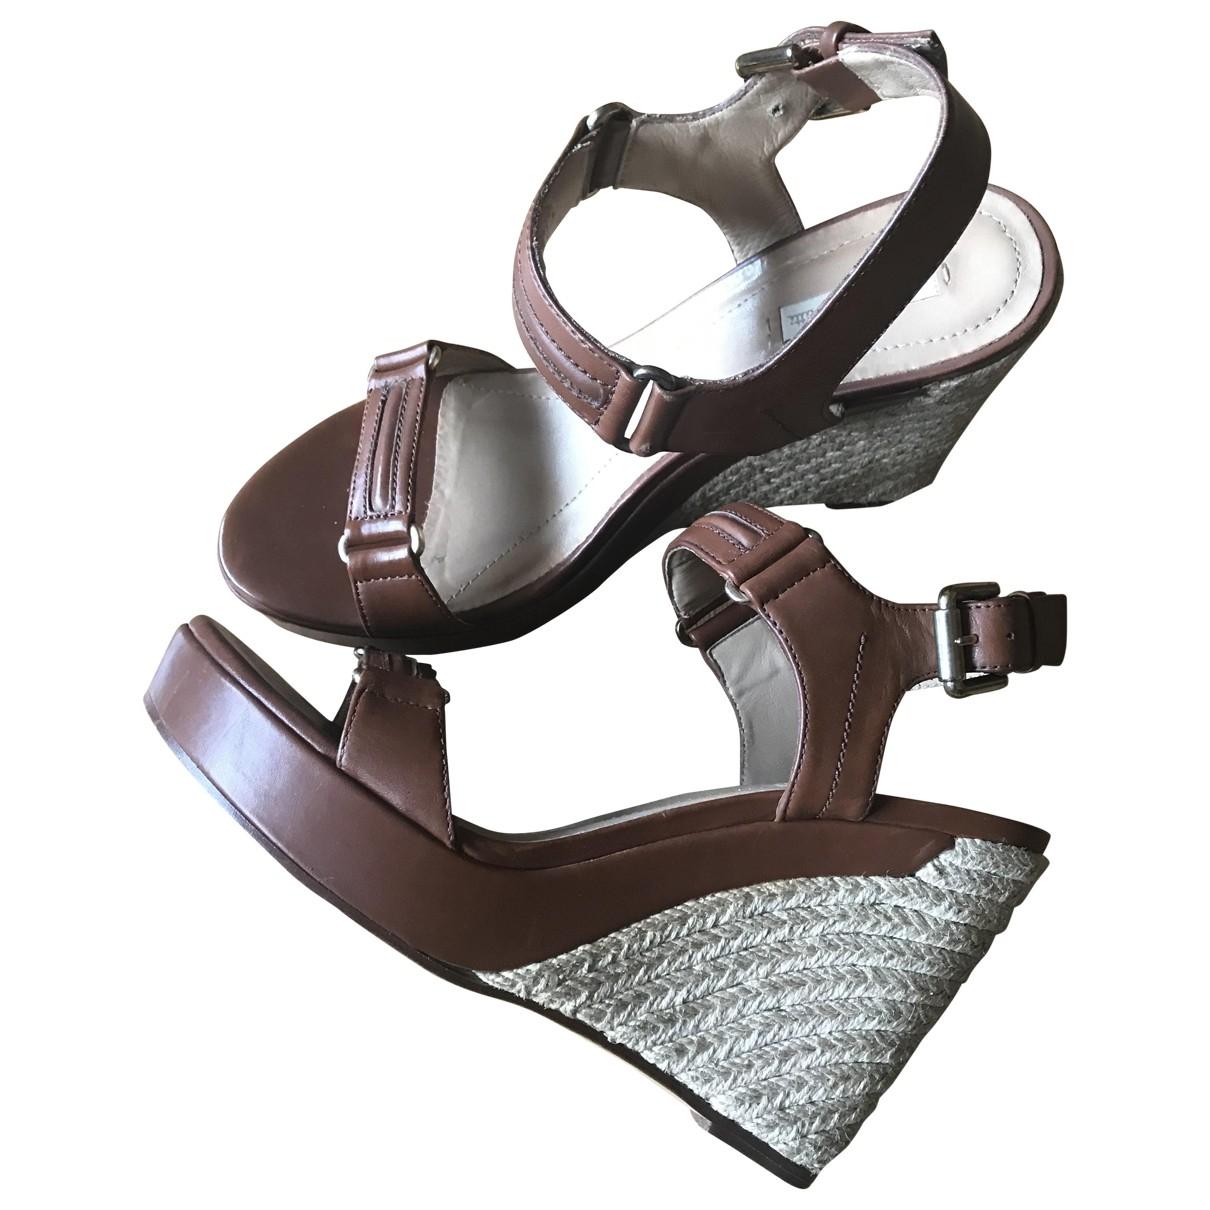 Massimo Dutti - Sandales   pour femme en cuir - marron